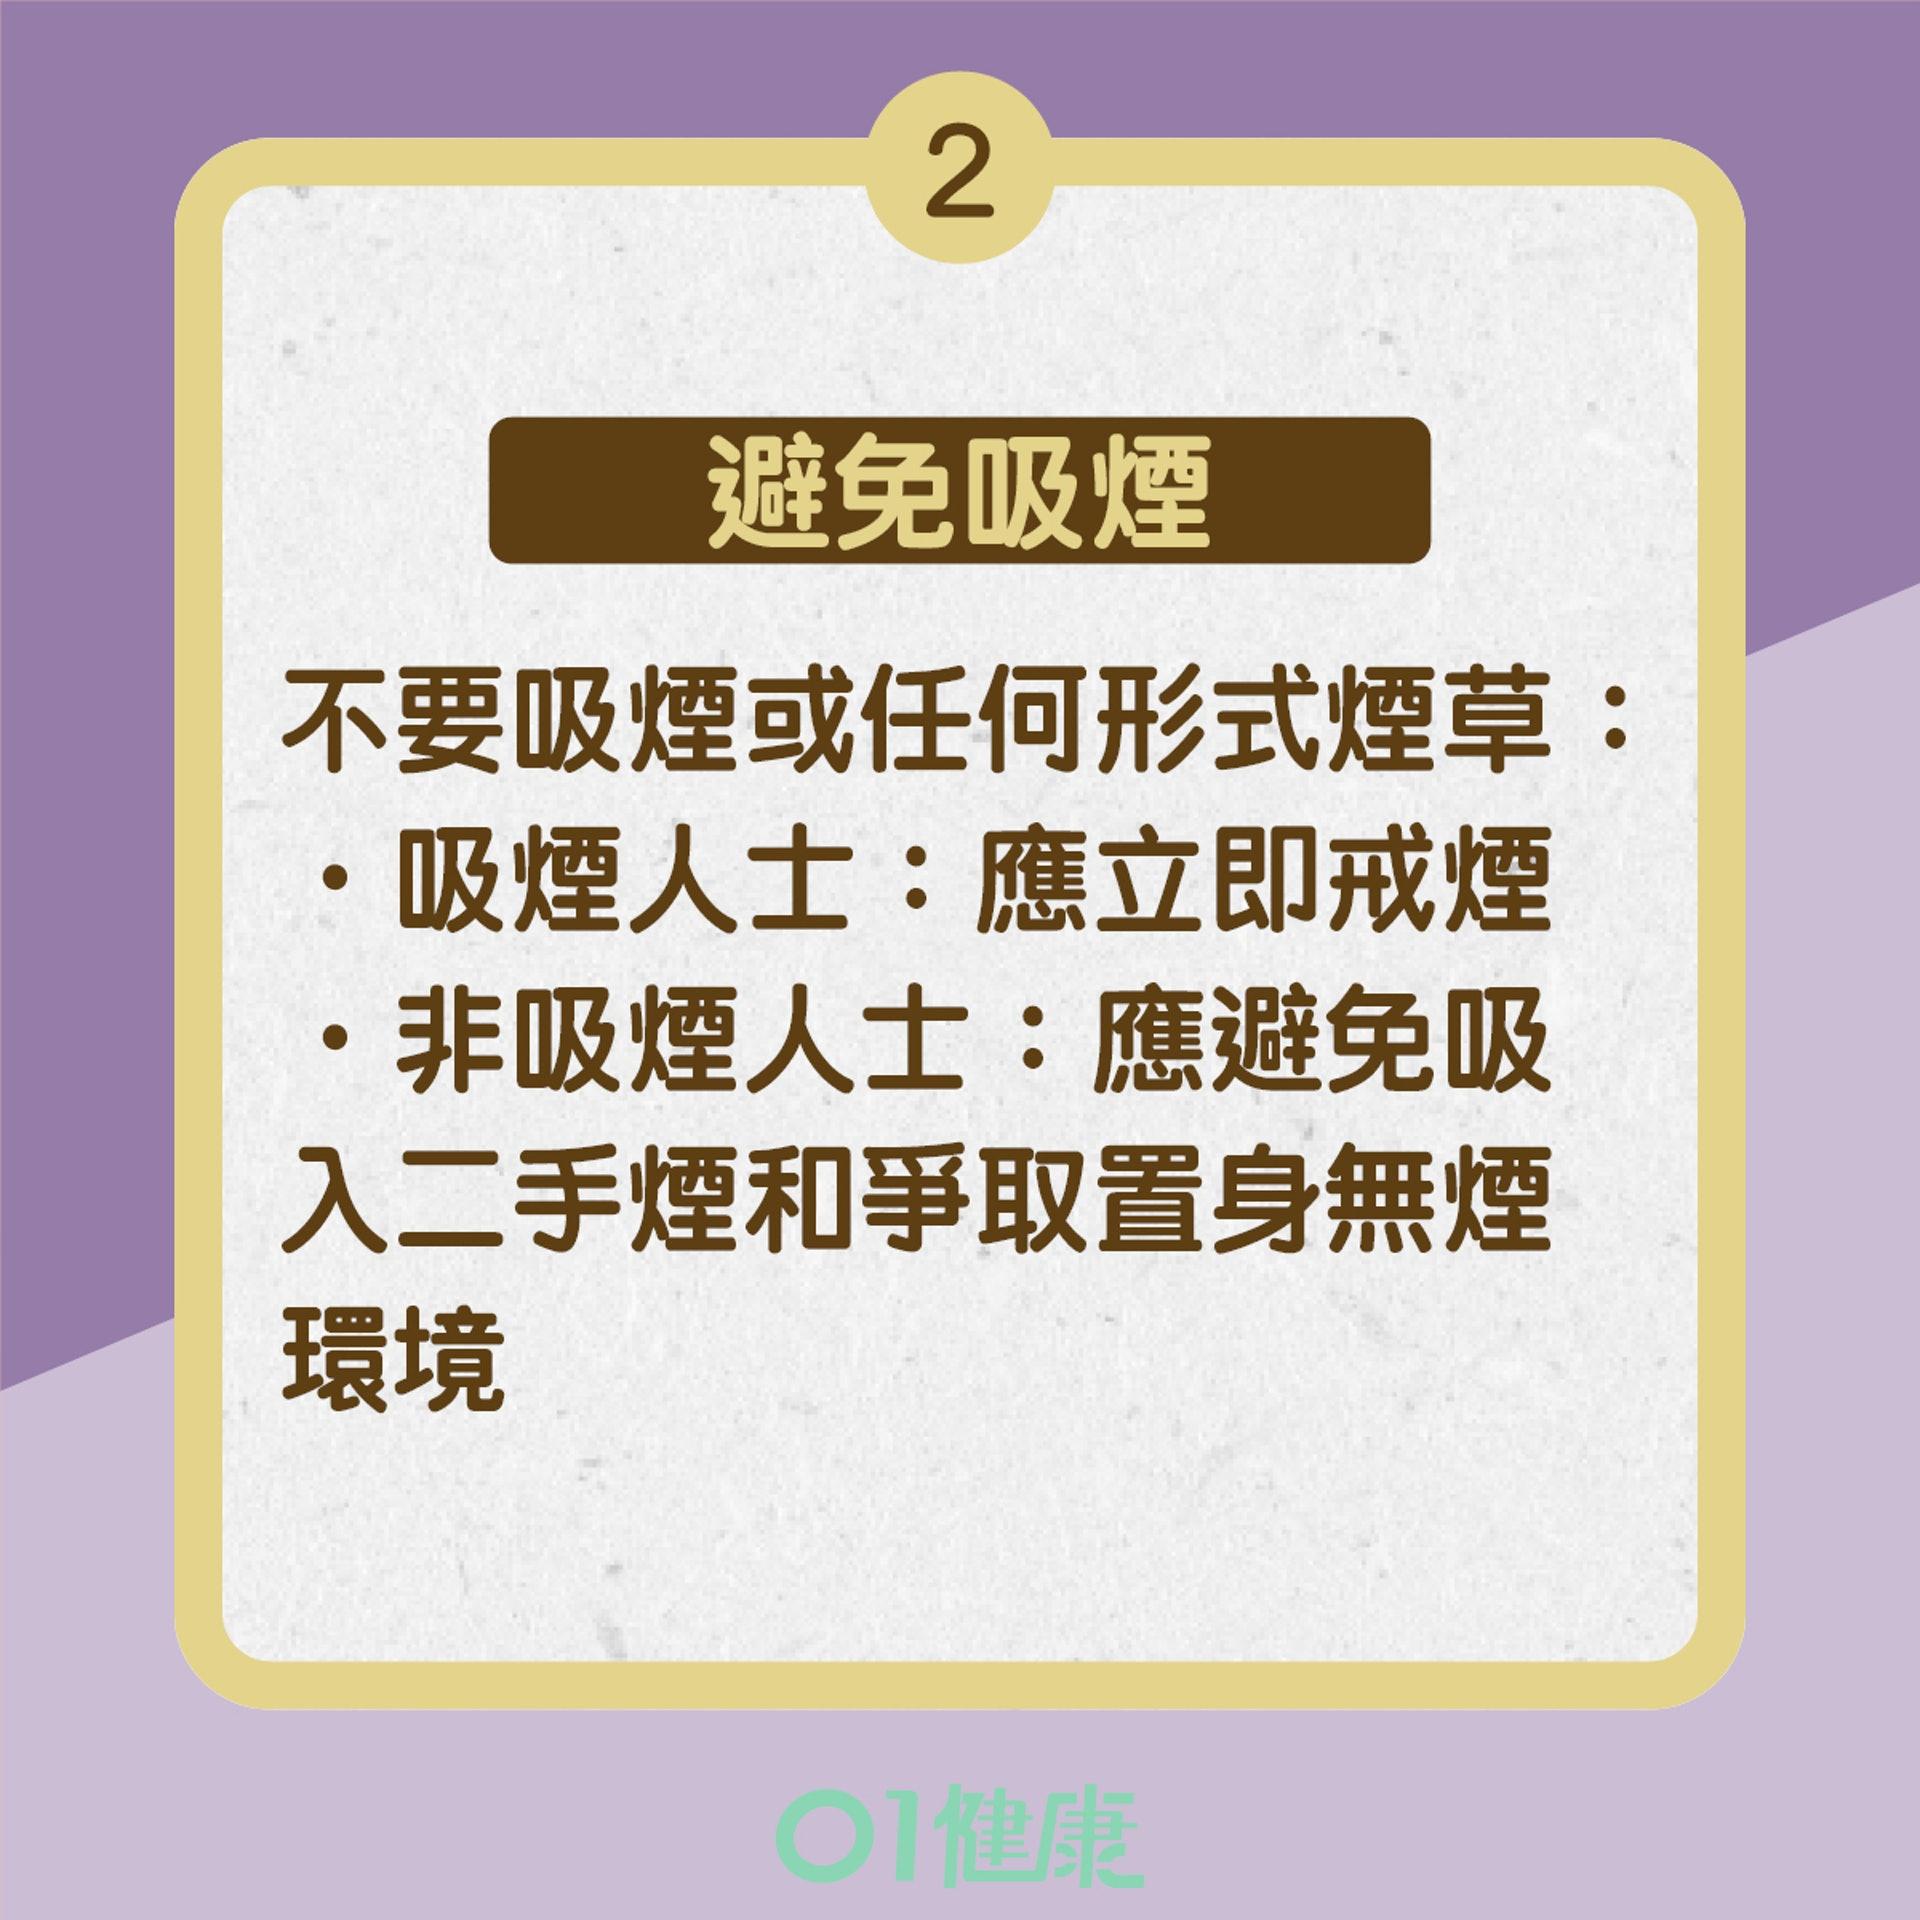 鼻咽癌預防方法(01製圖)